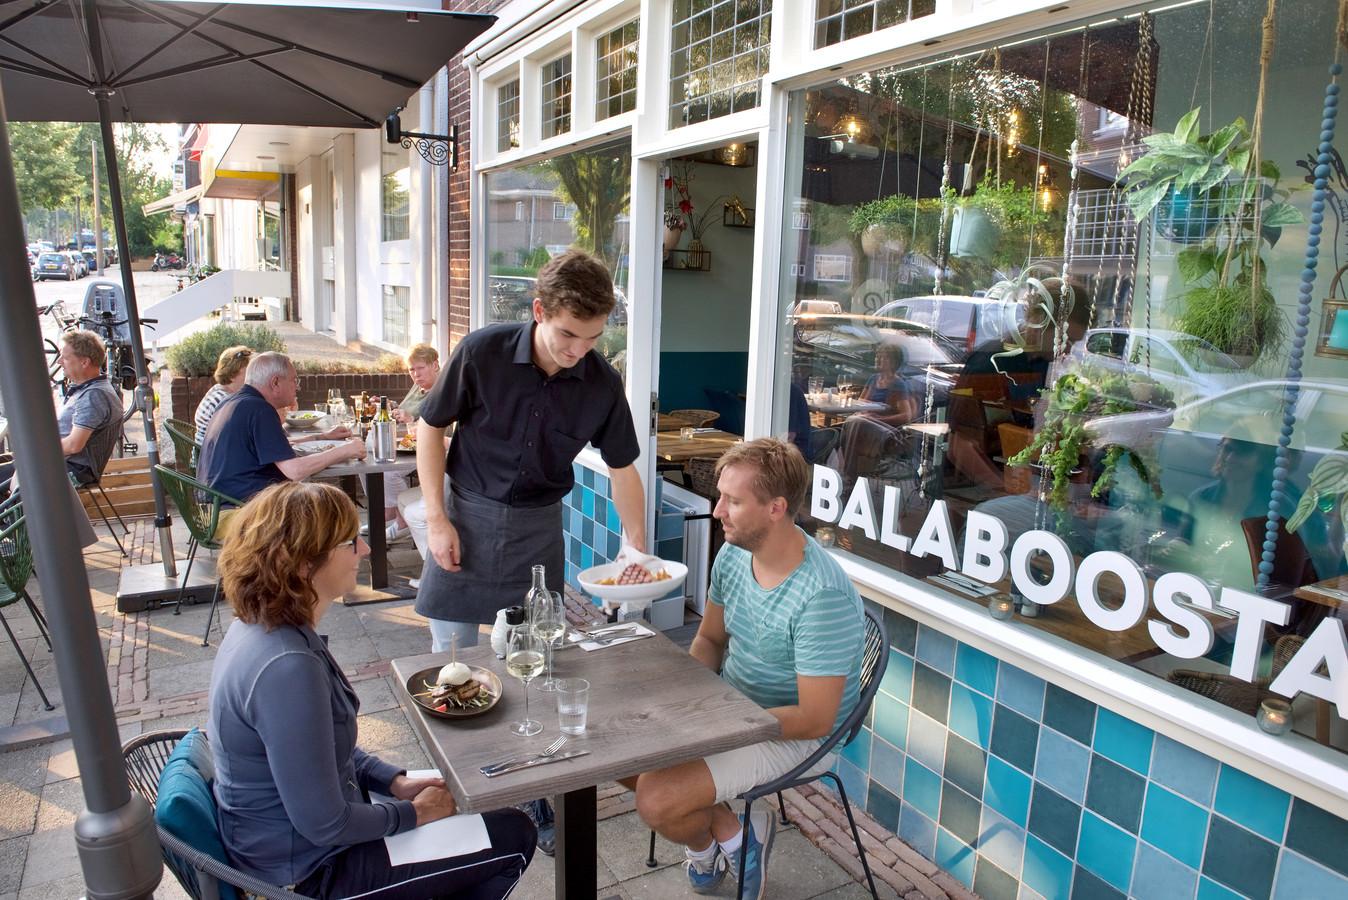 Restaurant Balaboosta in Arnhem.